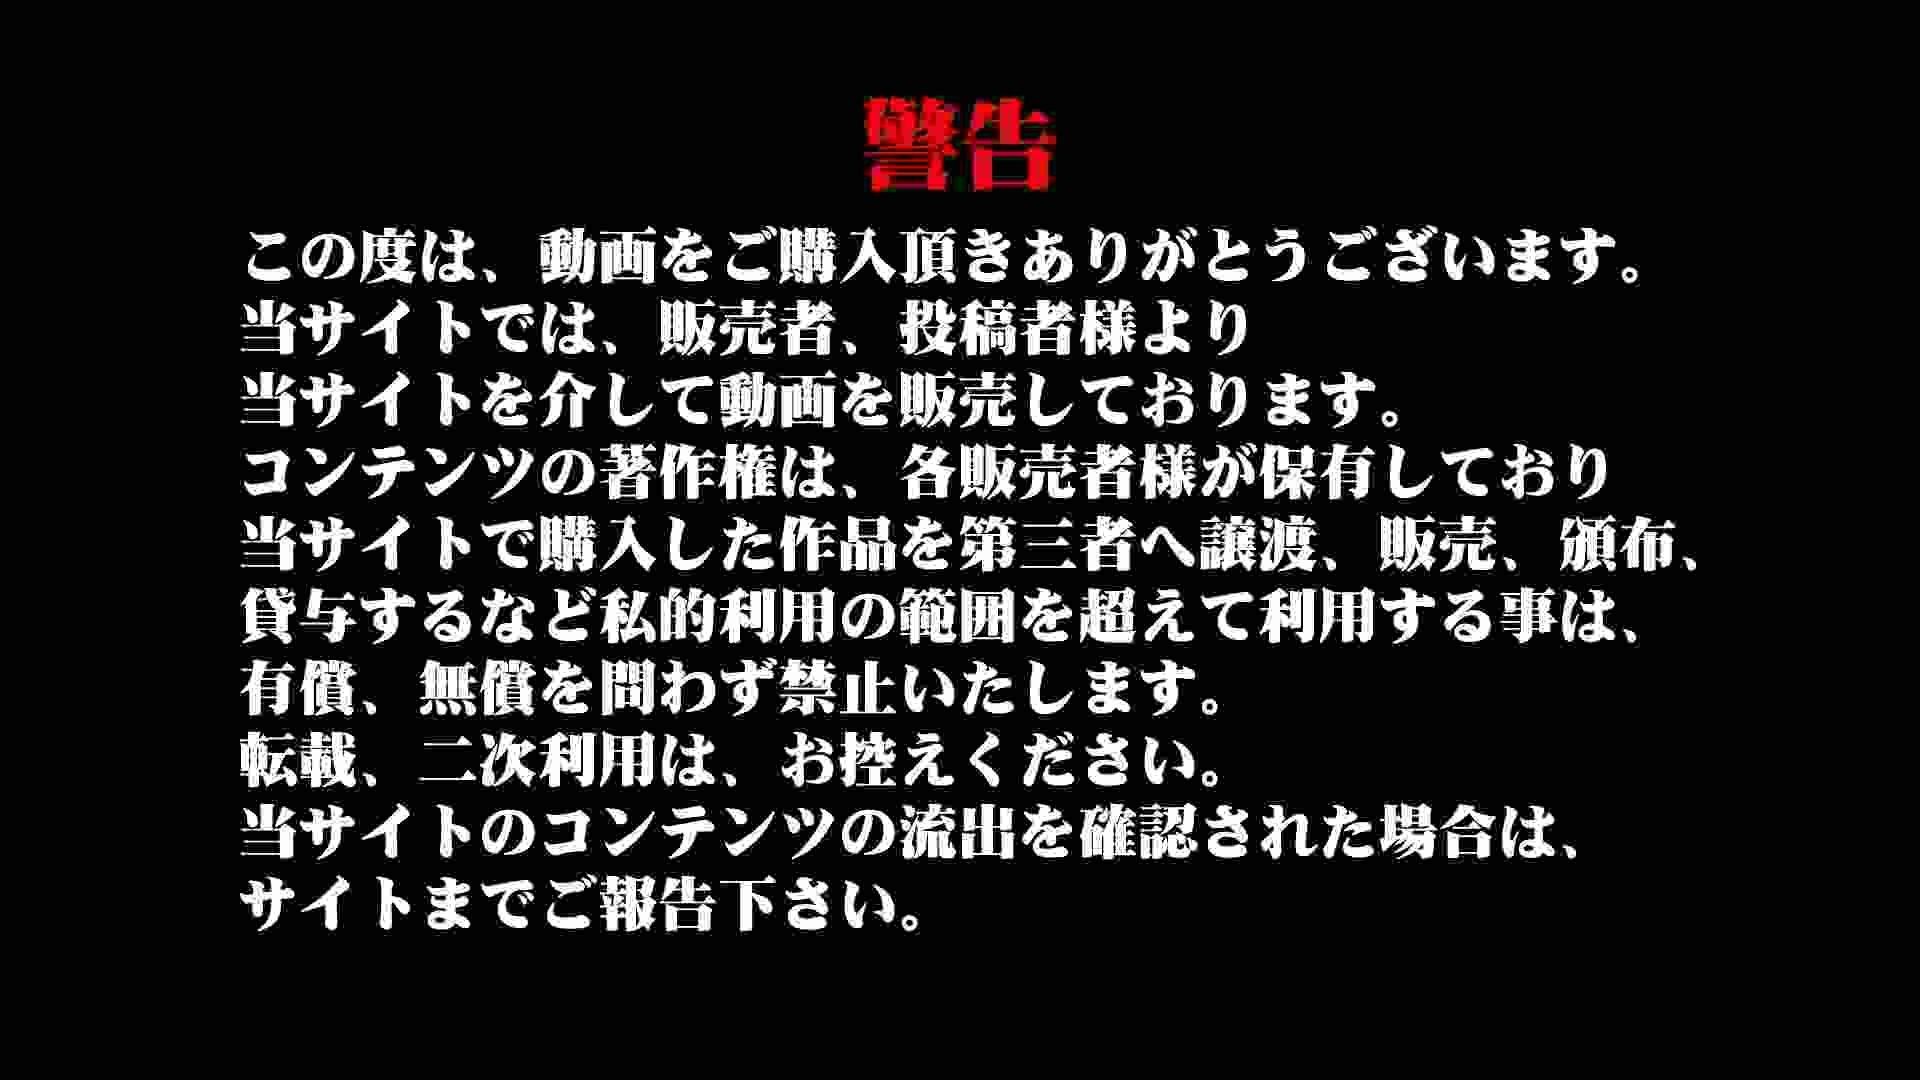 無料アダルト動画:魂のかわや盗撮62連発! 丁寧にオシリをフキフキ! 38発目!:のぞき本舗 中村屋